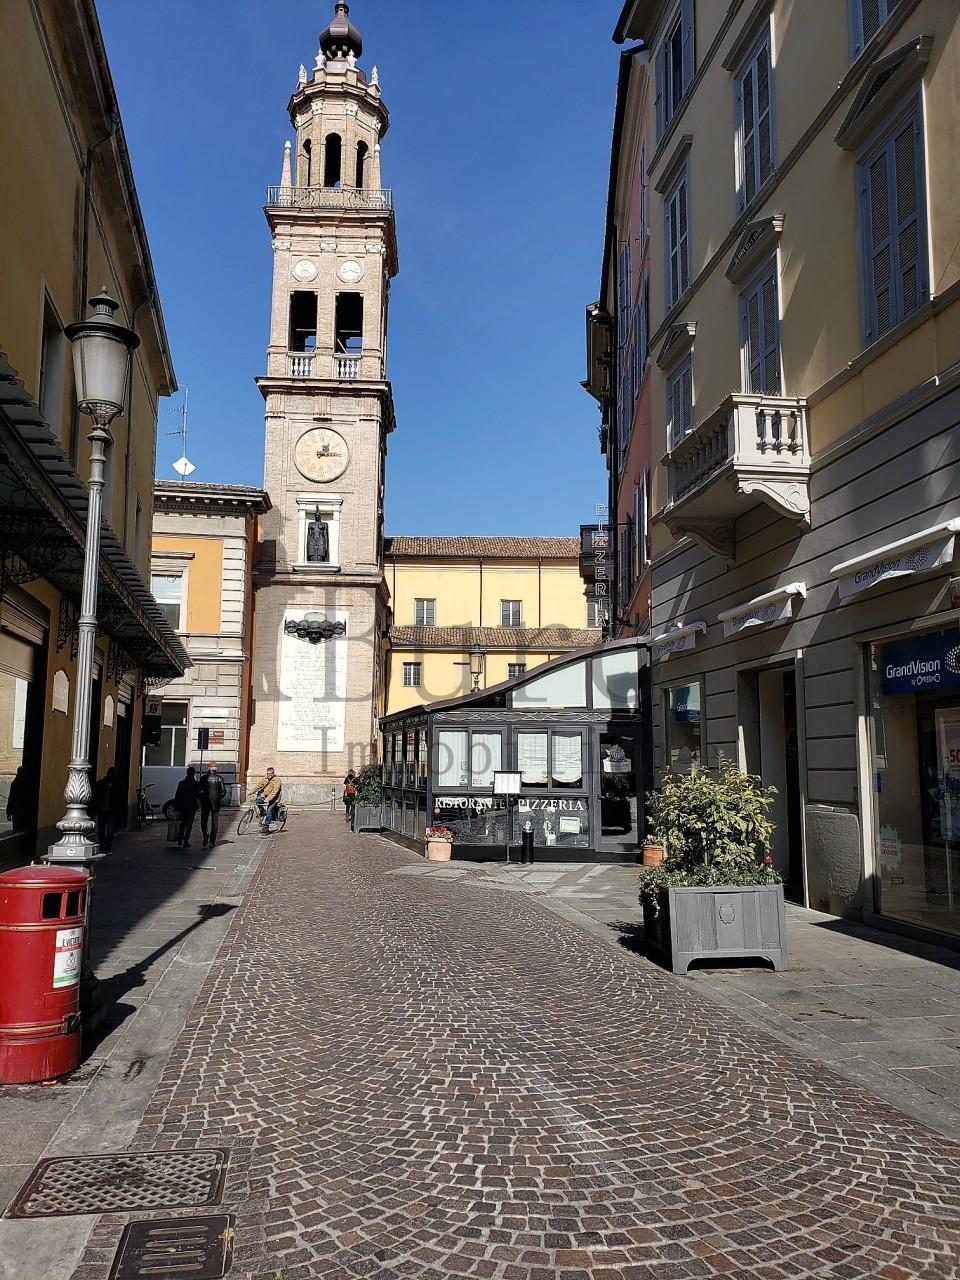 Locale commerciale - 1 Vetrina a Parma Centro, Parma